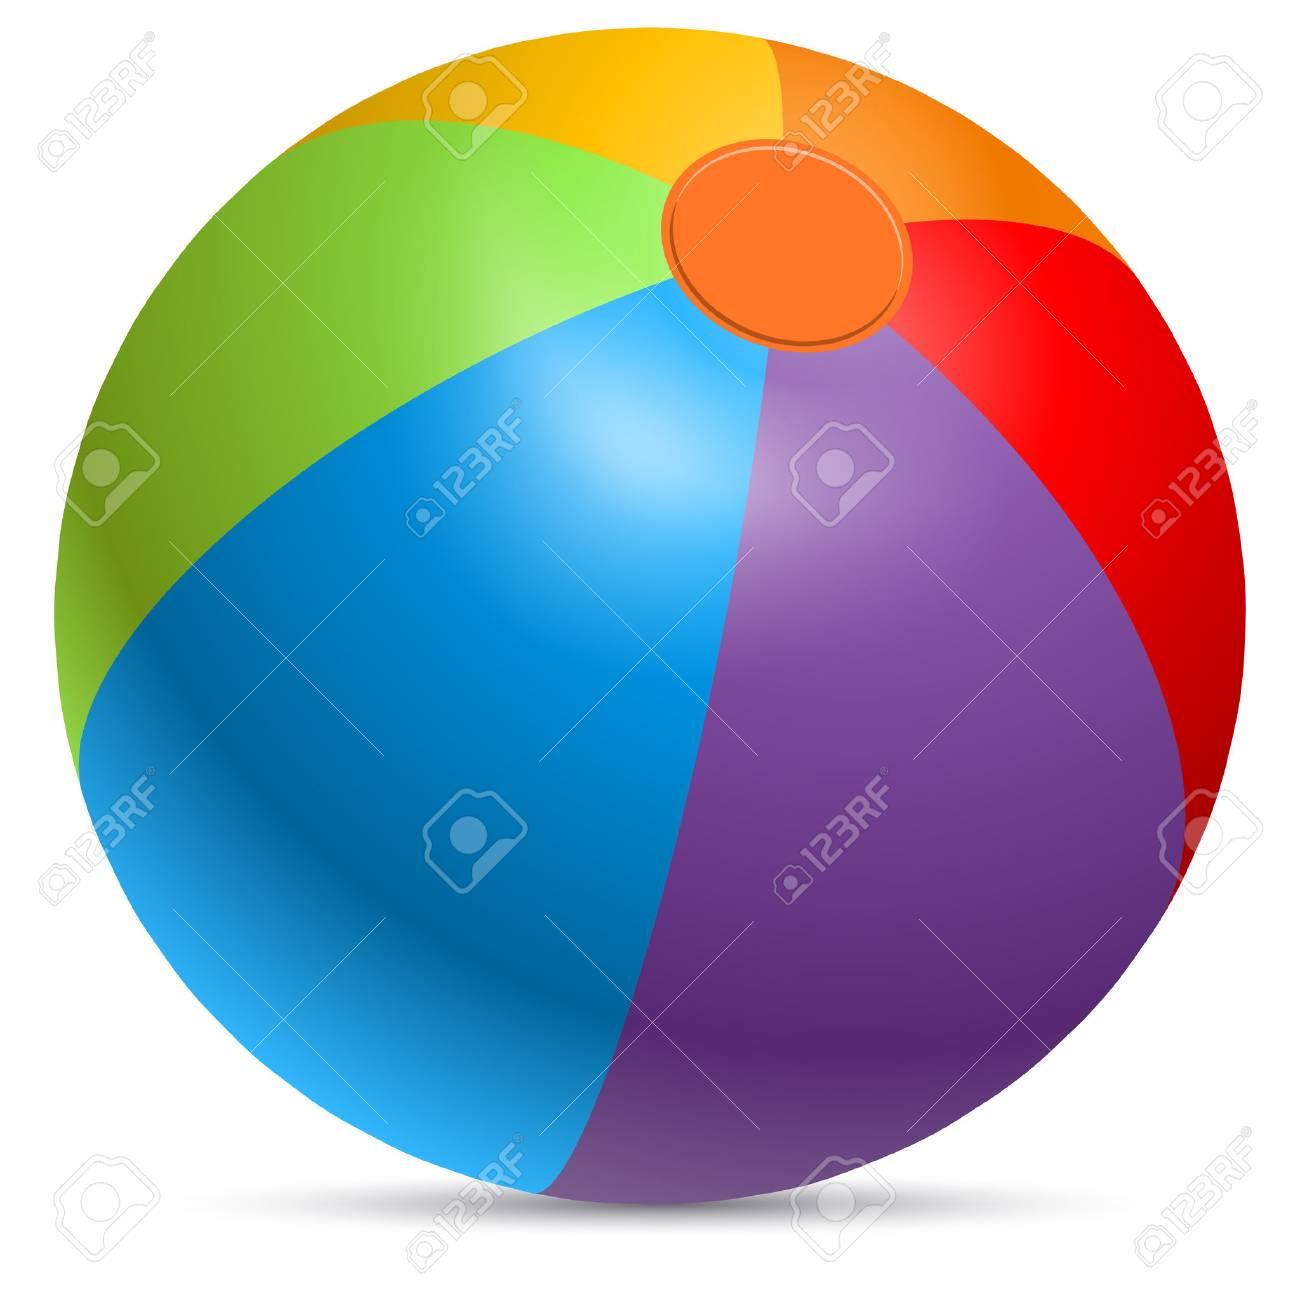 Colorful beach ball vector illustration. Rainbow colored beachball - 74887754